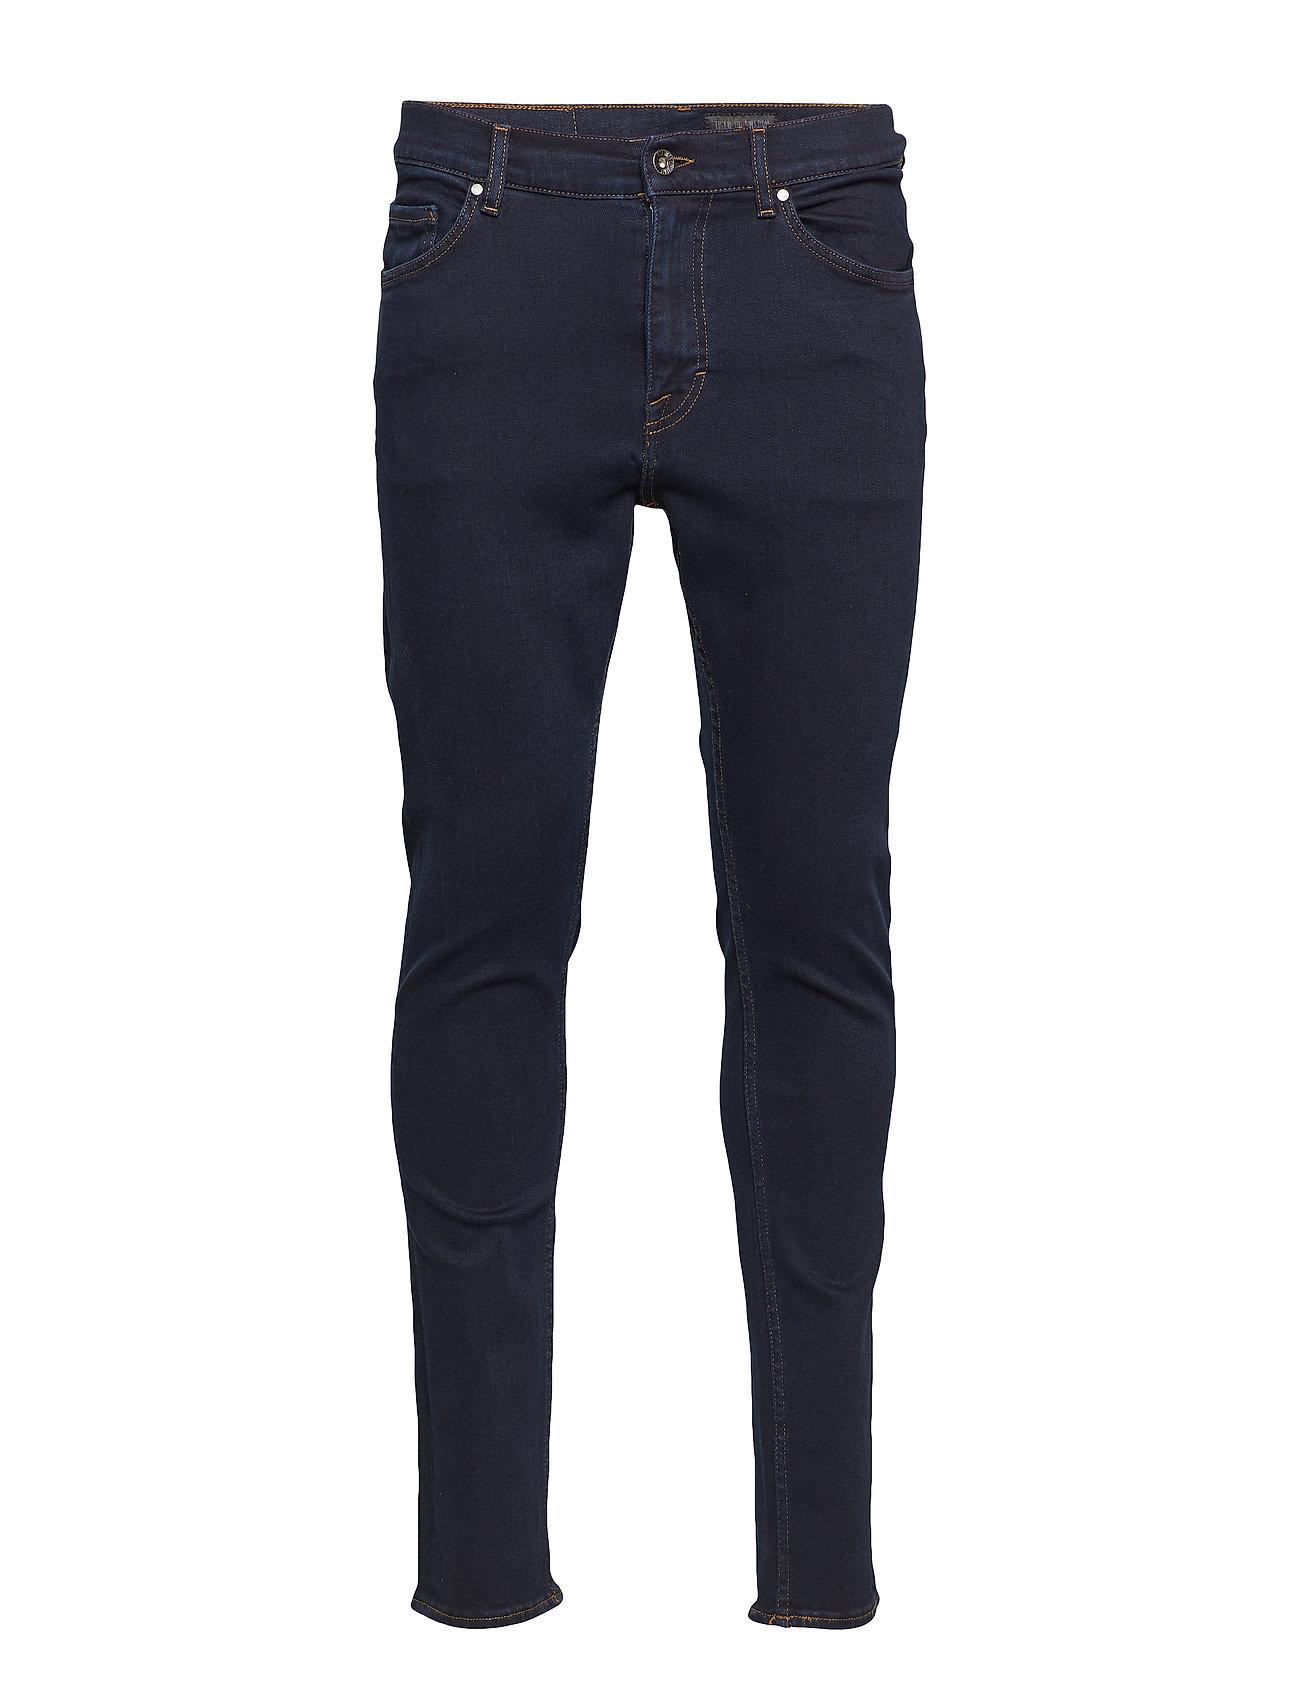 Of Jeans Sweden Sweden BlueTiger Jeans Evolveroyal BlueTiger Of Evolveroyal VpSGqzUM